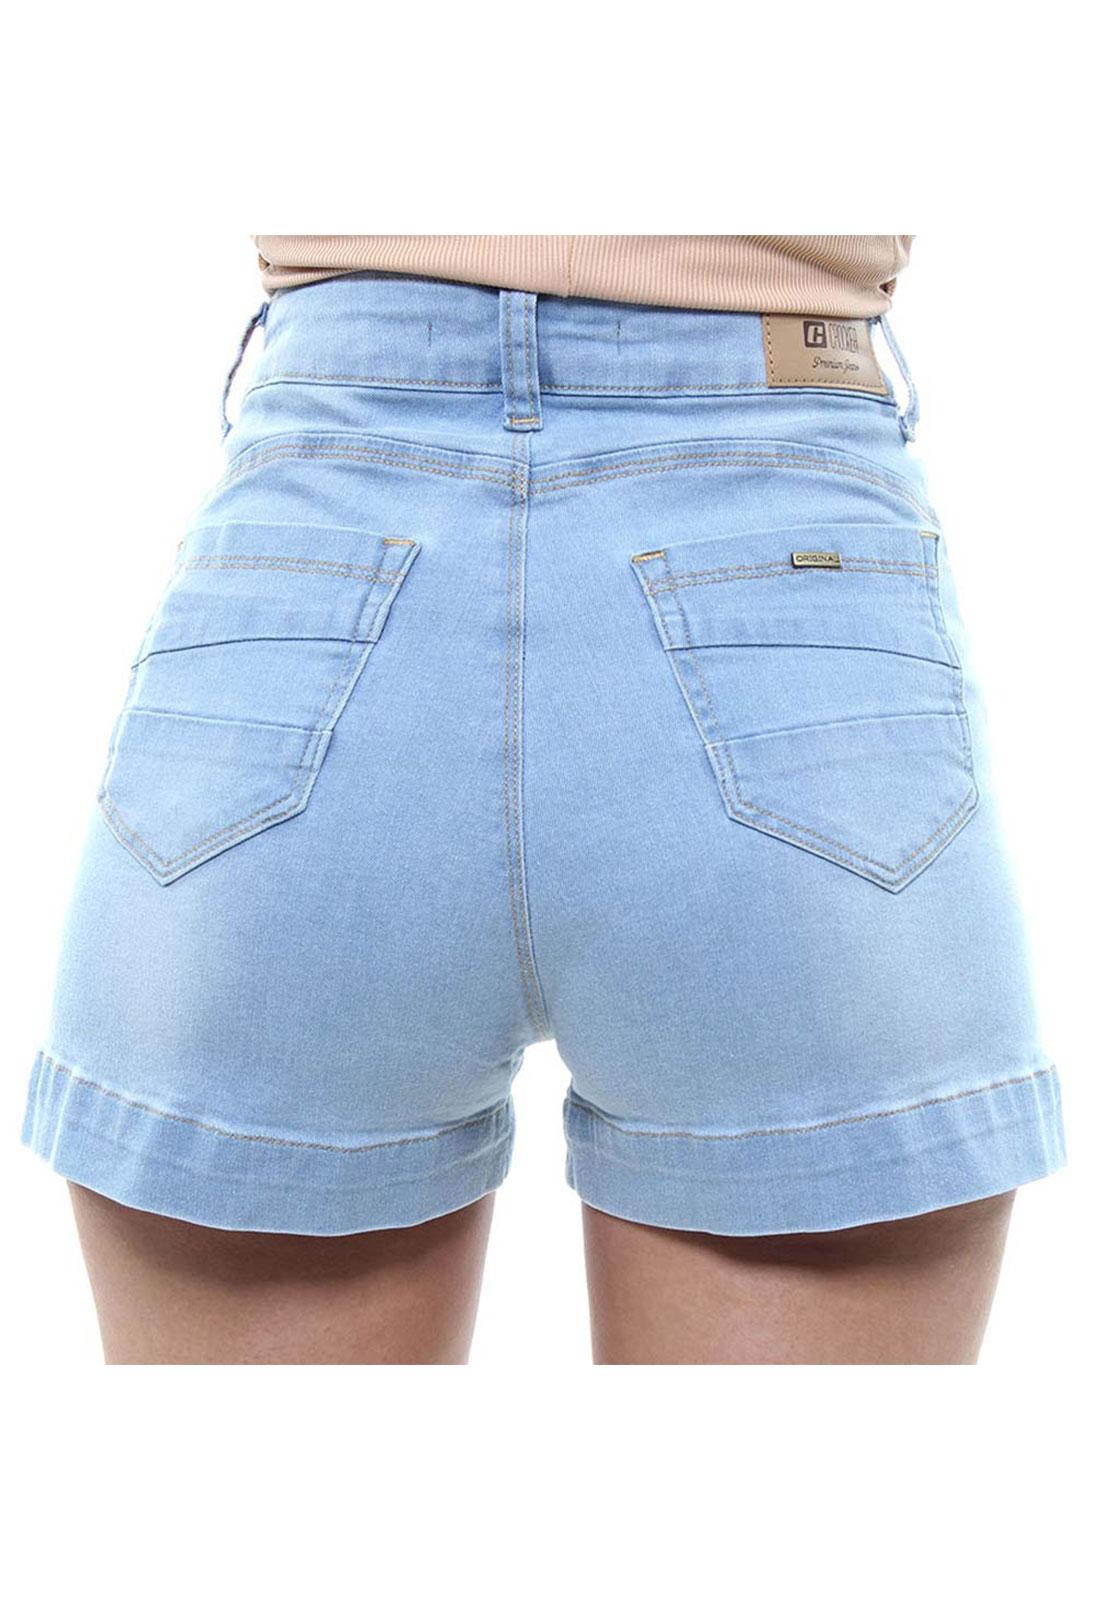 Short Jeans Feminino Curto Com Fenda Na Barra Fit Crocker - 47915